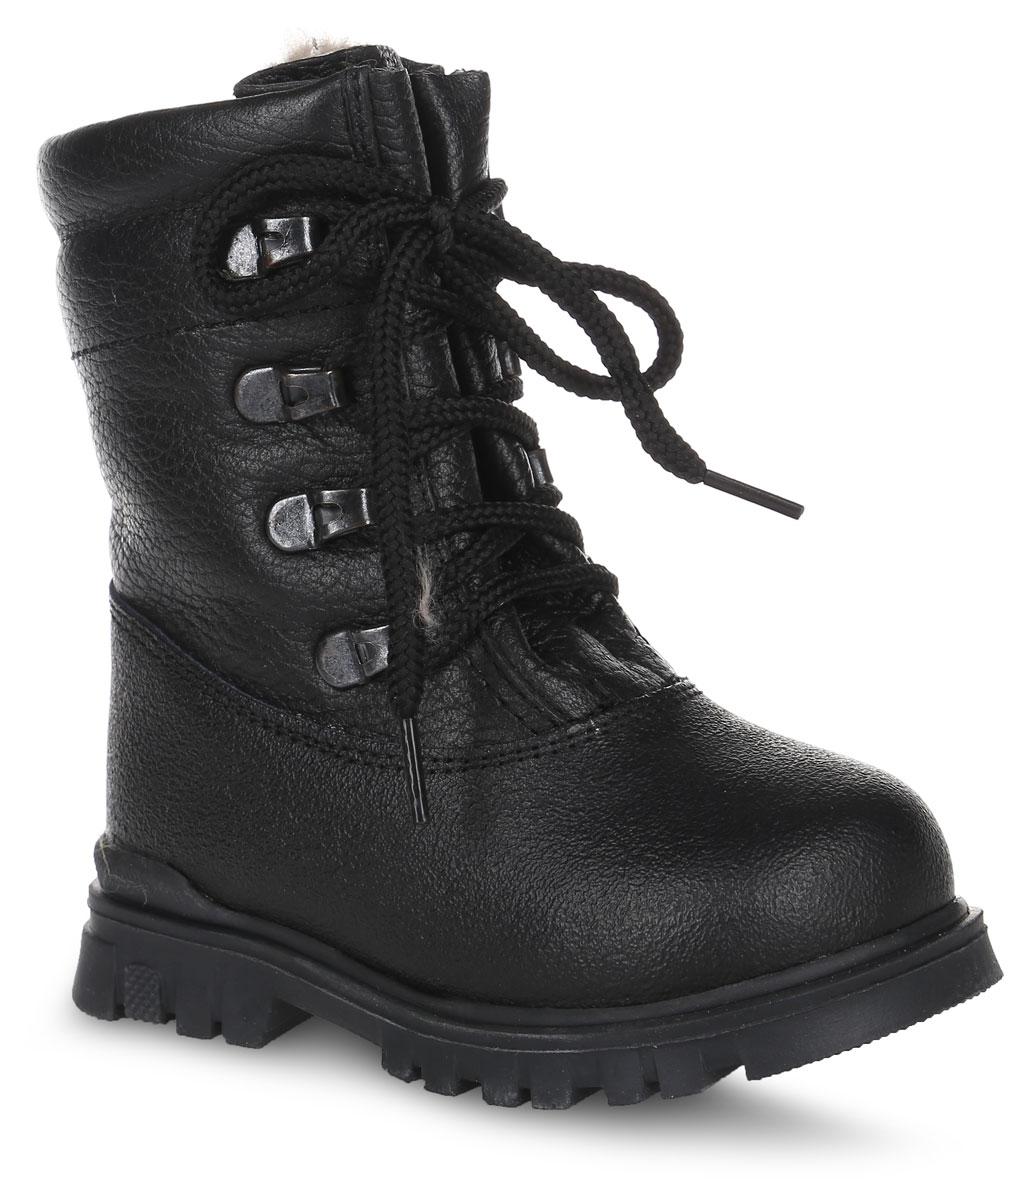 Ботинки для мальчика Зебра, цвет: черный. 11398-1. Размер 2511398-1Ботинки от Зебра полностью выполнены из натуральной кожи. На ноге модель фиксируется с помощью застежки-молнии и шнурков. Внутренняя поверхность истелька выполнены из натурального меха, который обеспечит тепло и комфорт. Подошва изготовлена из прочного и легкого ТЭП-материала. Также подошва оснащена протектором, который обеспечит отличное сцепление с любой поверхностью.